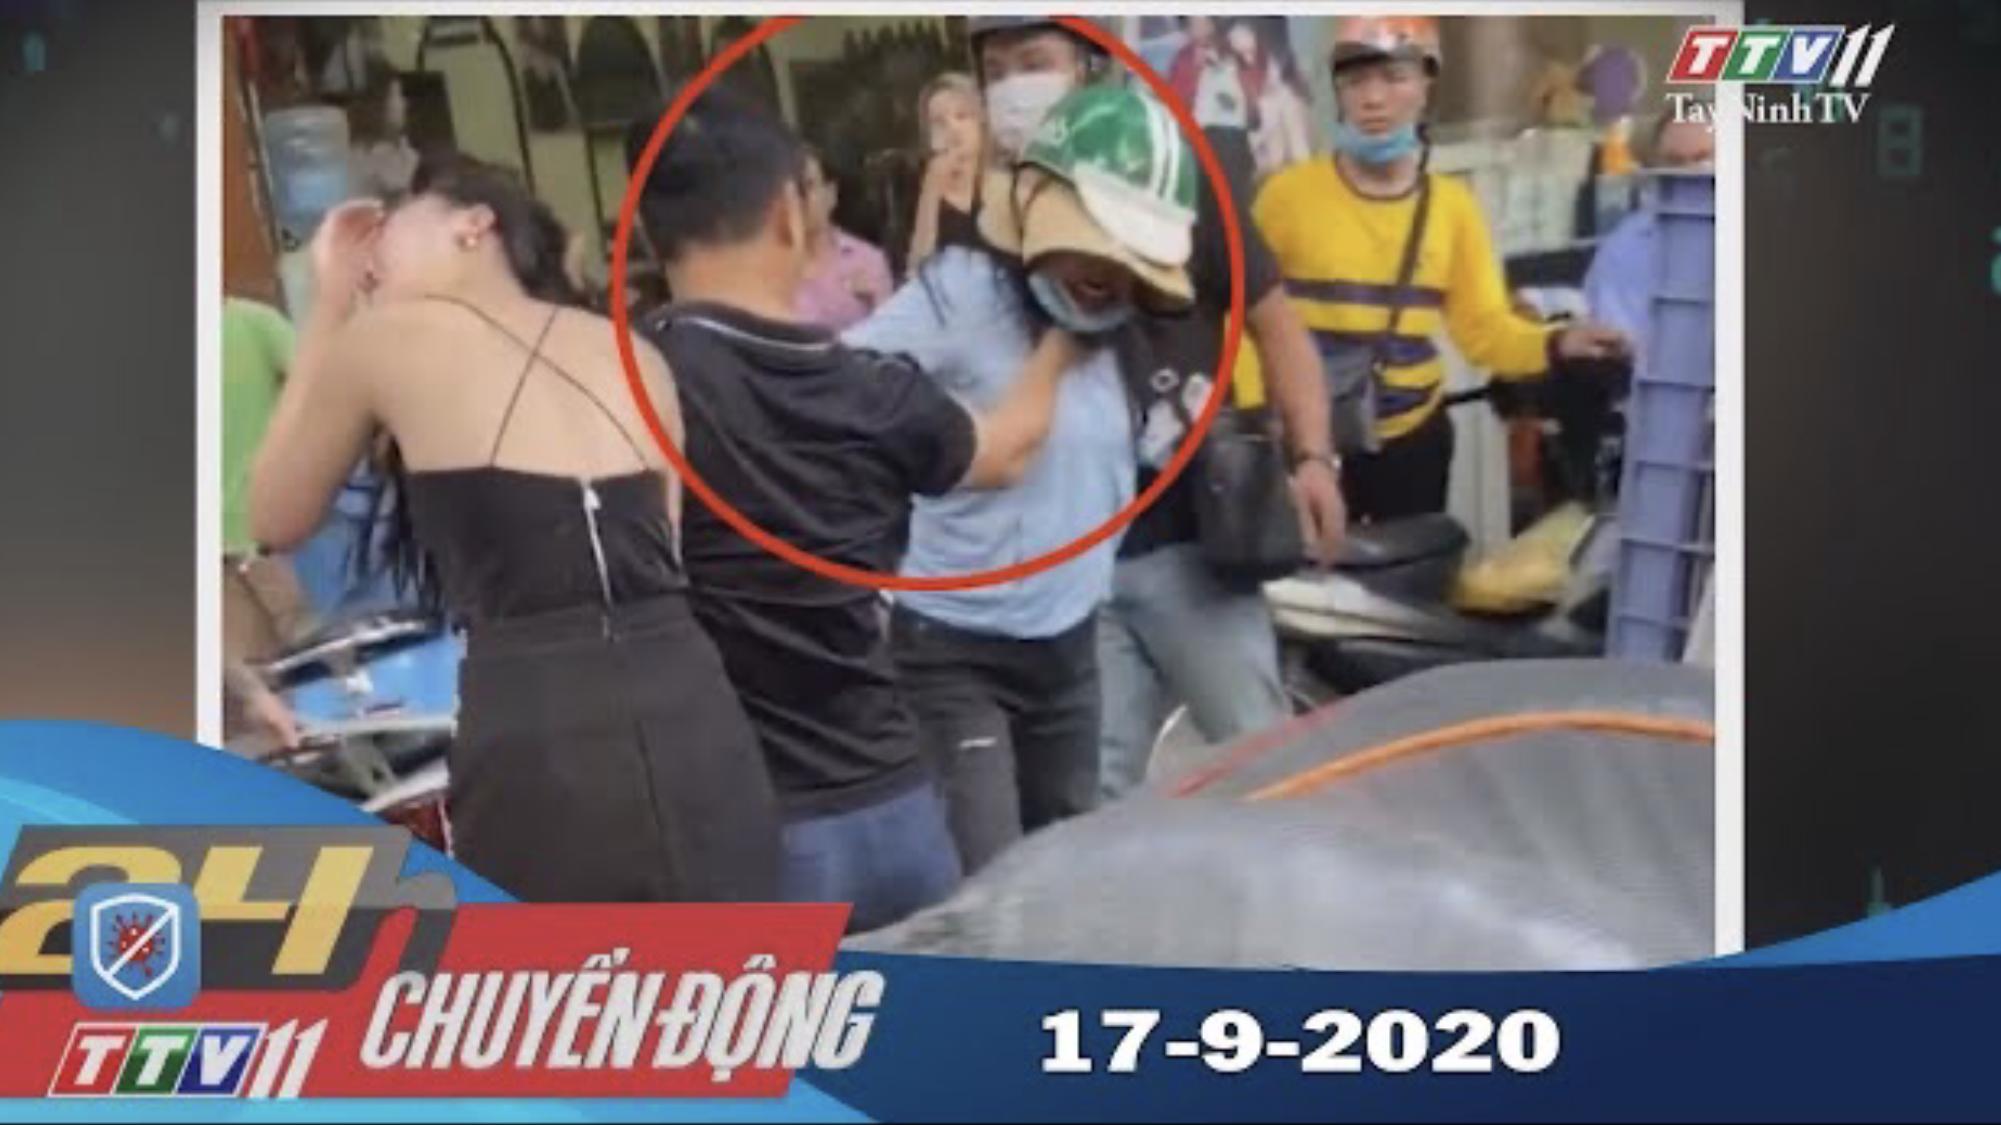 24h Chuyển động 17-9-2020 | Tin tức hôm nay | TayNinhTV